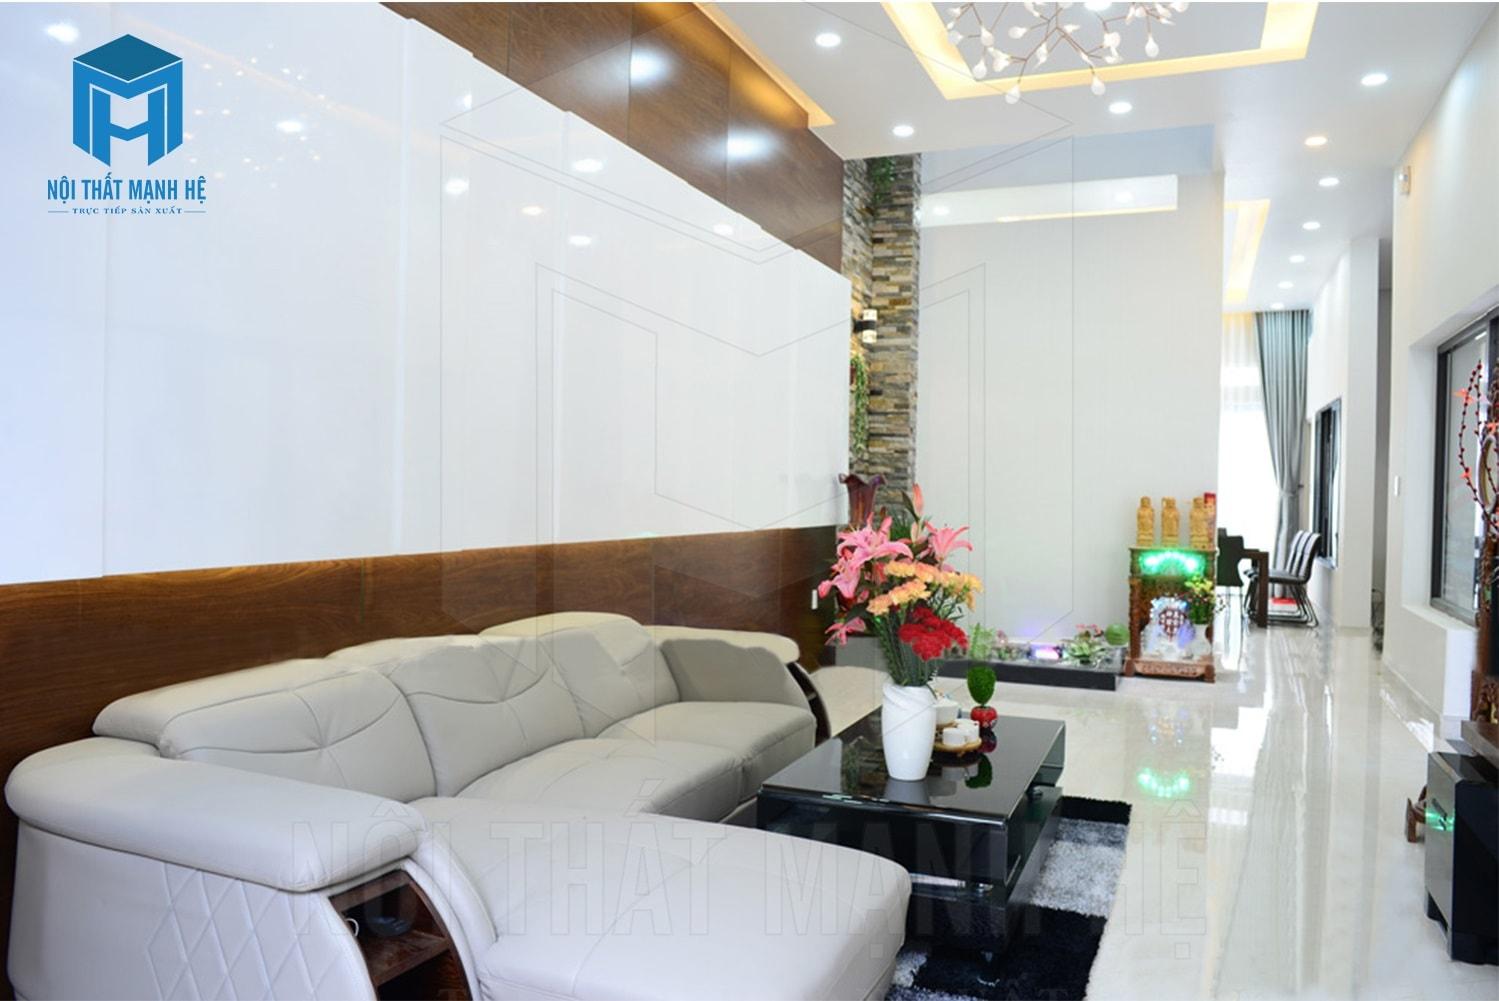 Bộ ghế sofa cùng tông màu với tường tạo nên không gian đẹp mắt